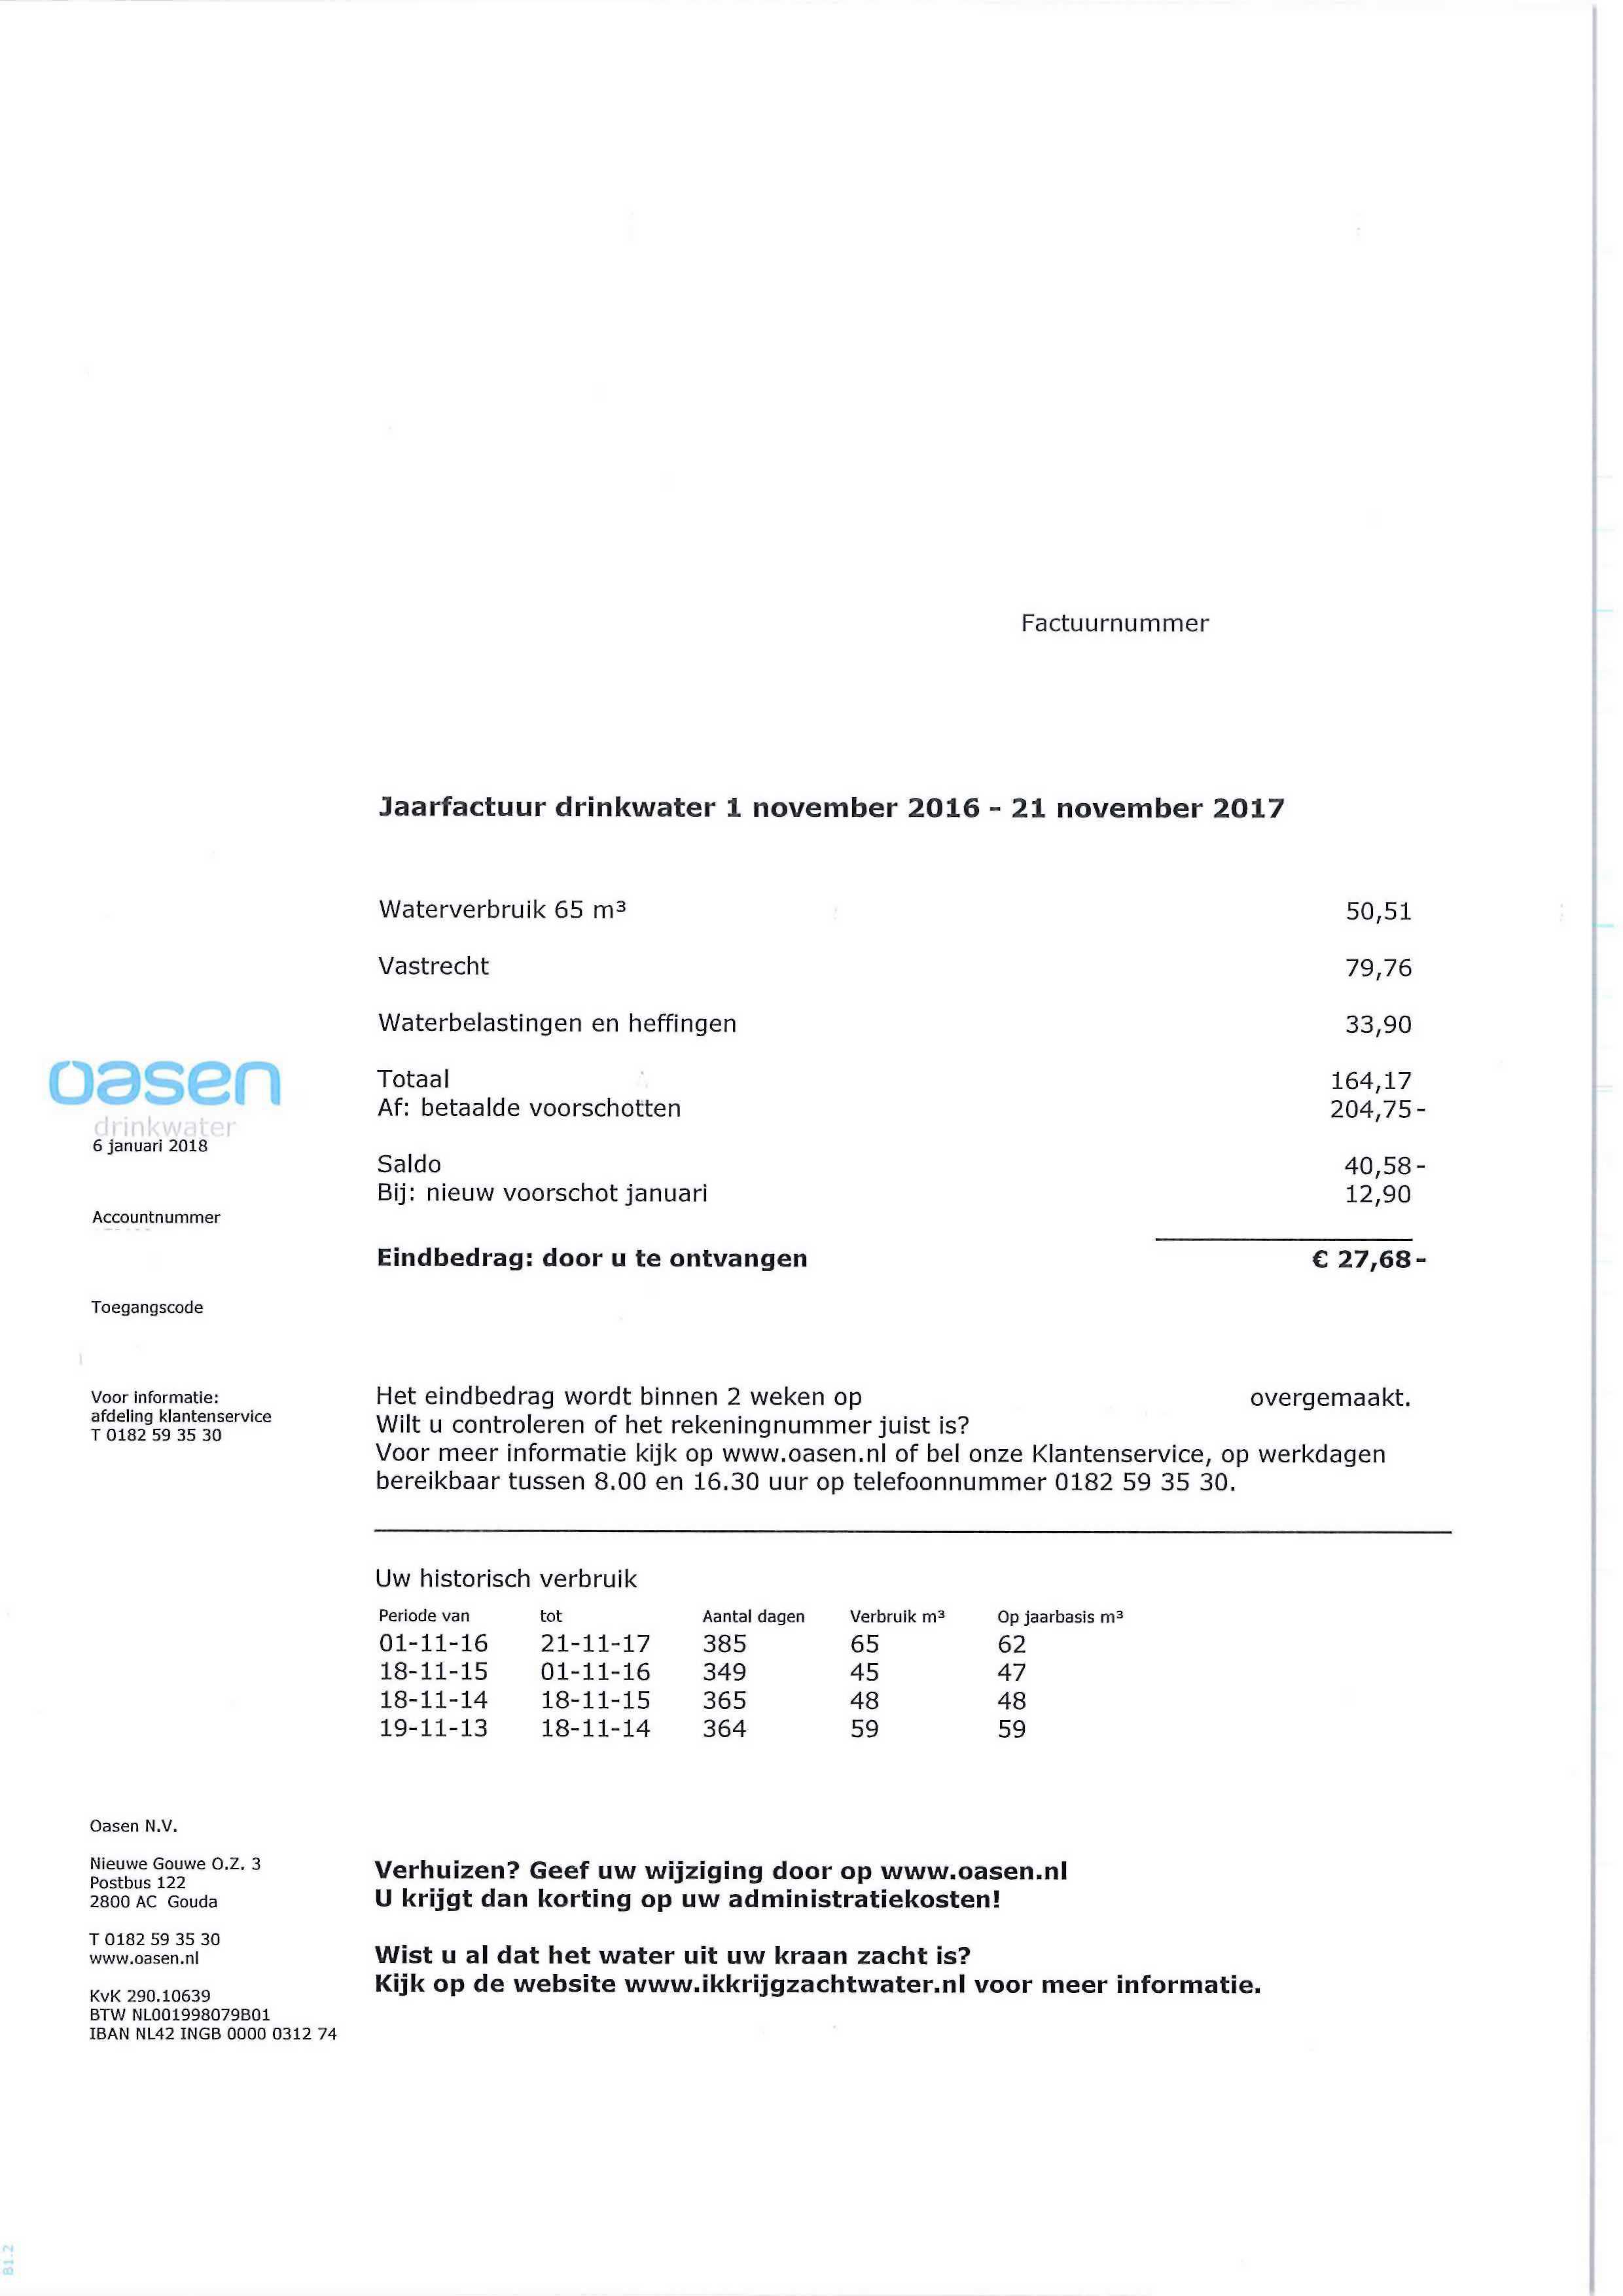 factuur bekijken Alles over de drinkwaterfactuur | Oasen.nl